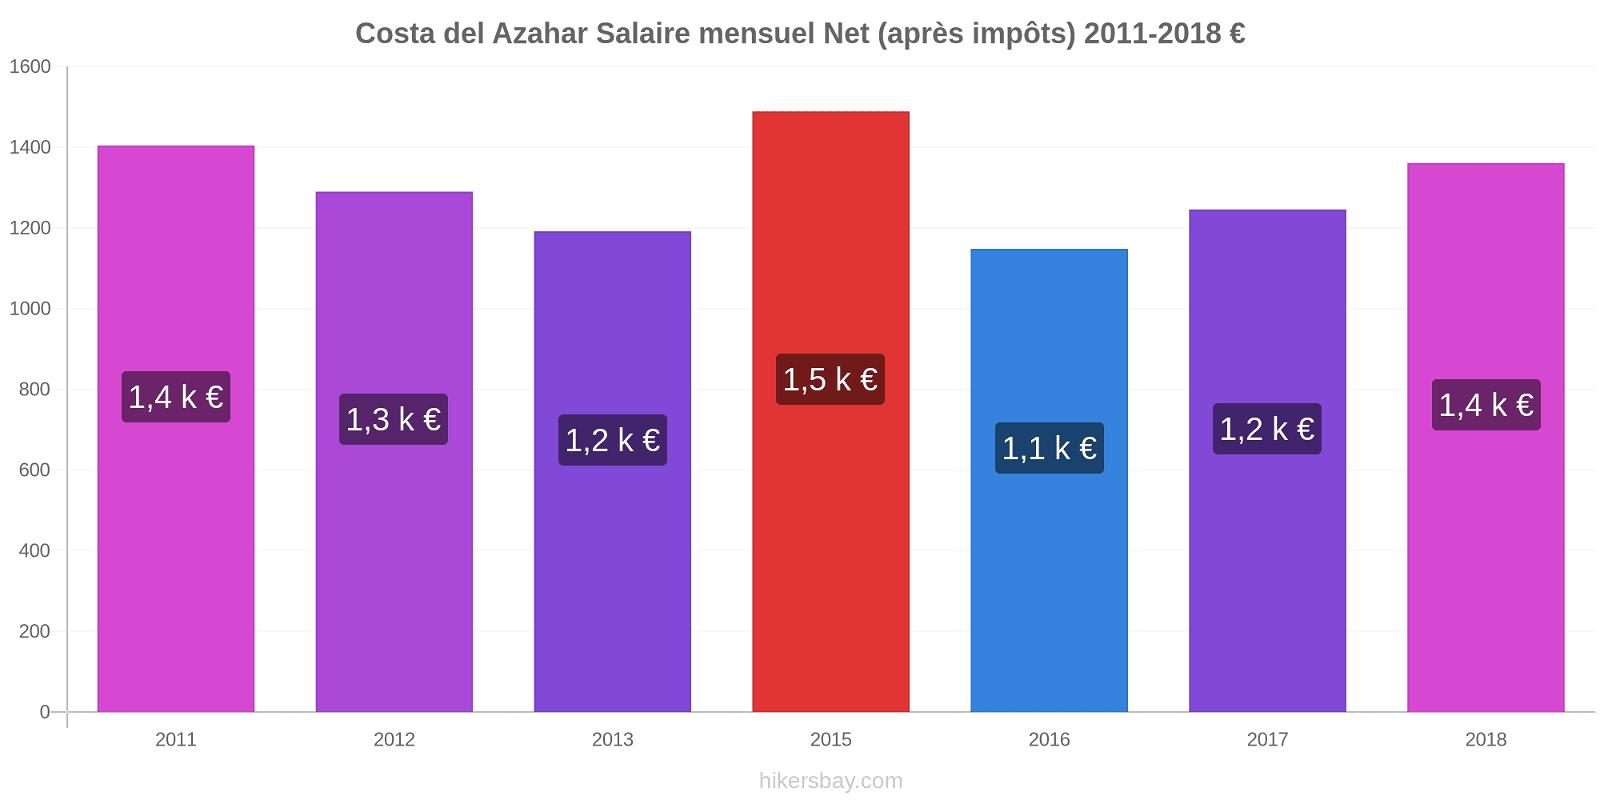 Costa del Azahar changements de prix Salaire mensuel Net (après impôts) hikersbay.com